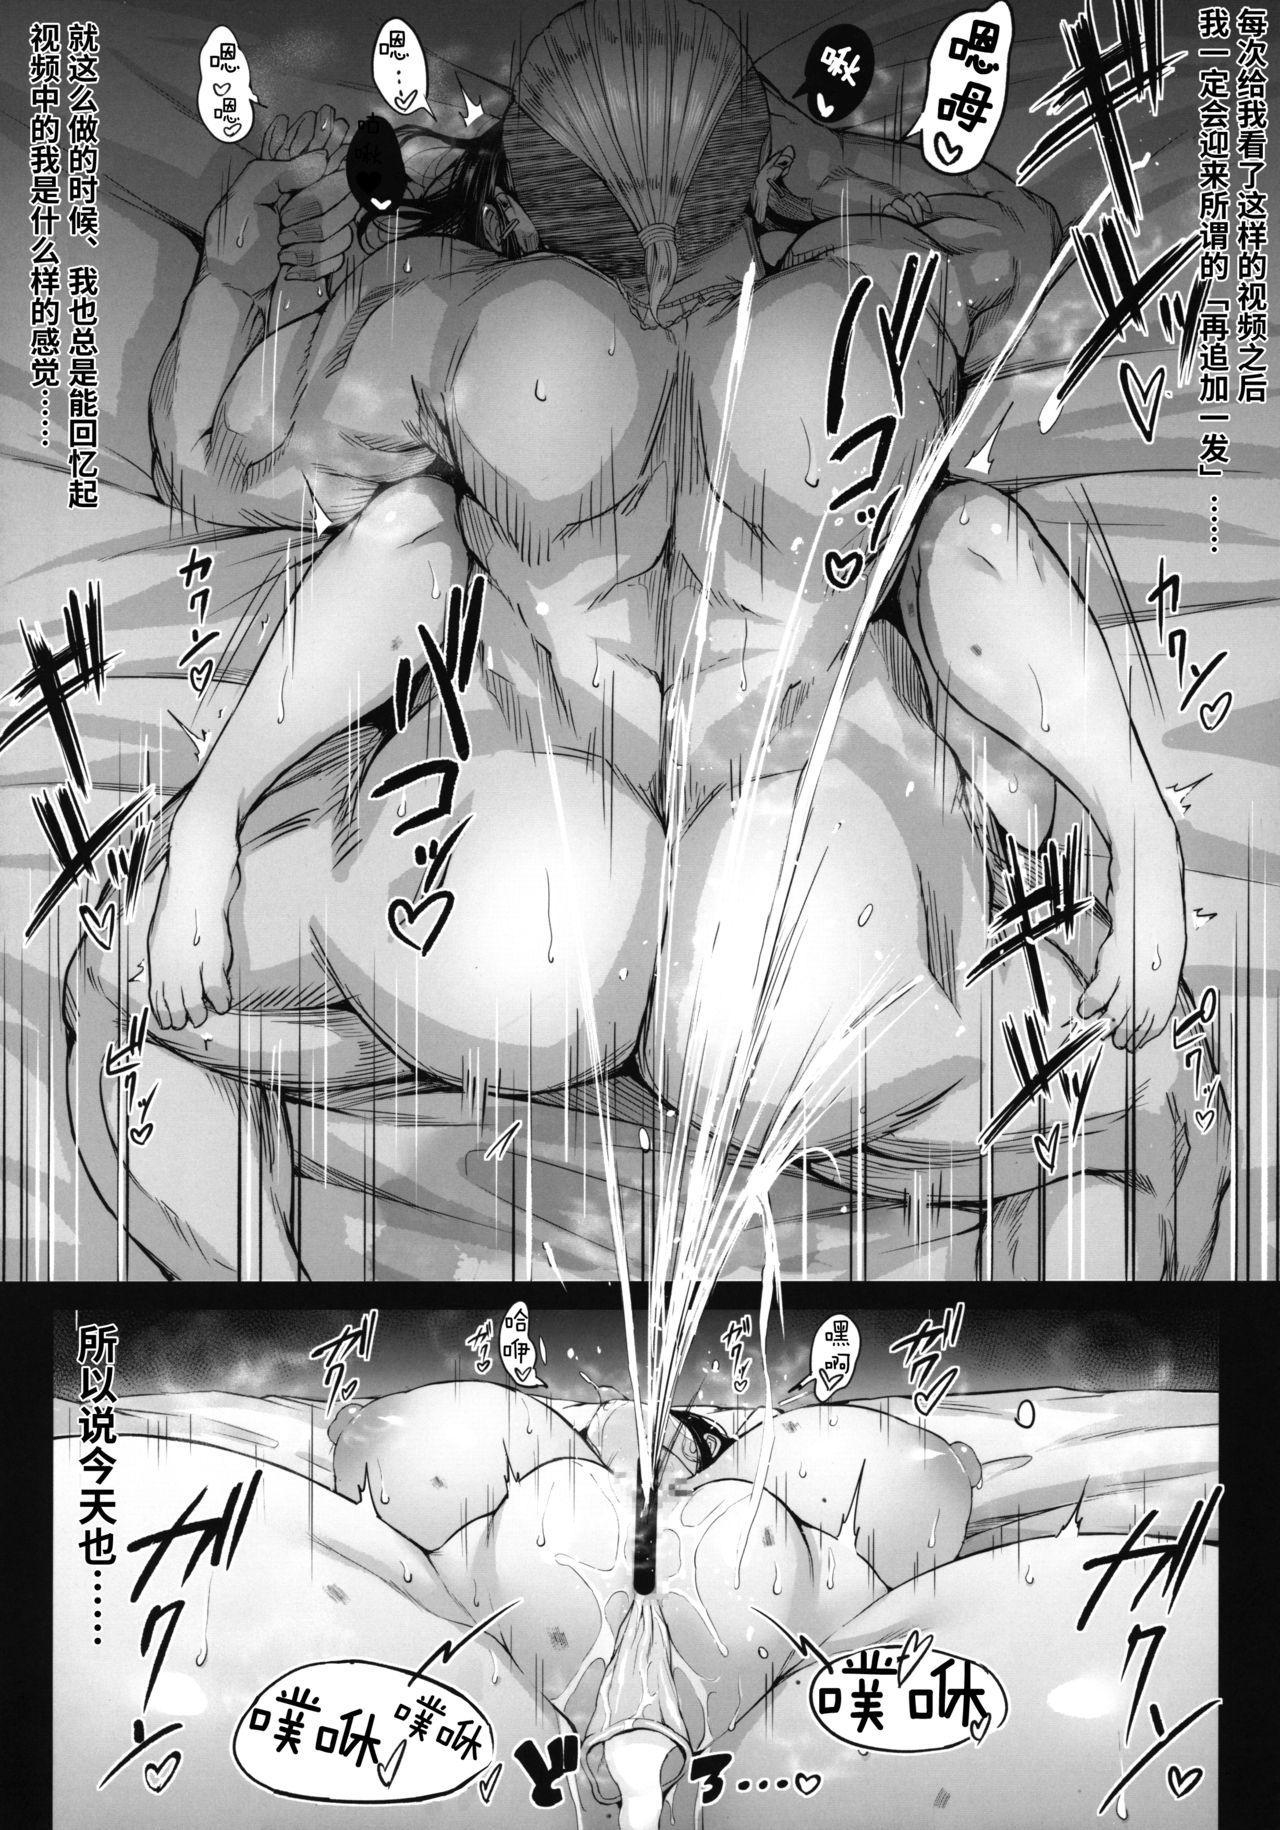 Karisome no Kanojo II Cosplay H Hen 8